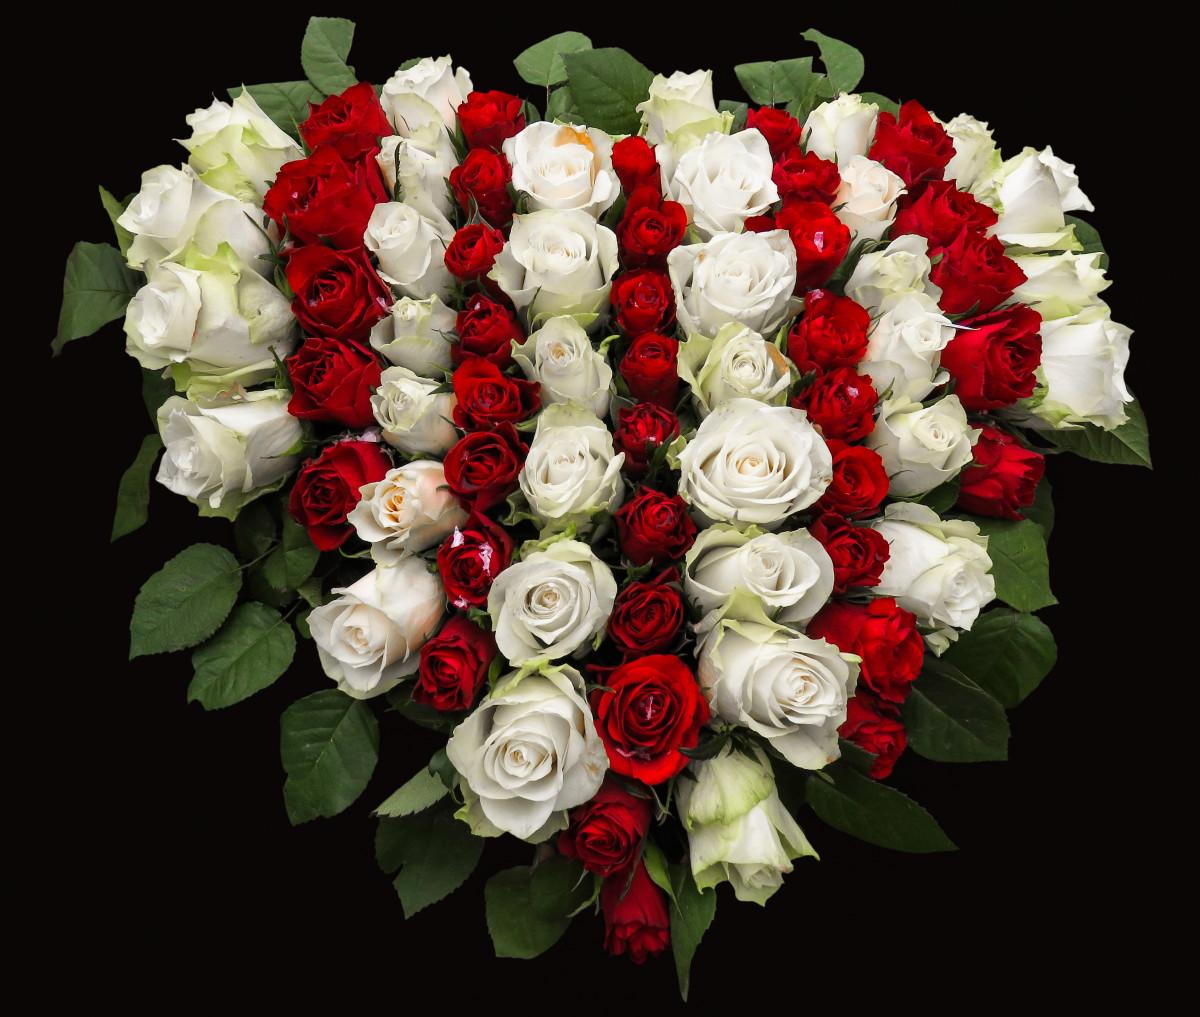 Доставка, самый красивый букет роз в мире картинки